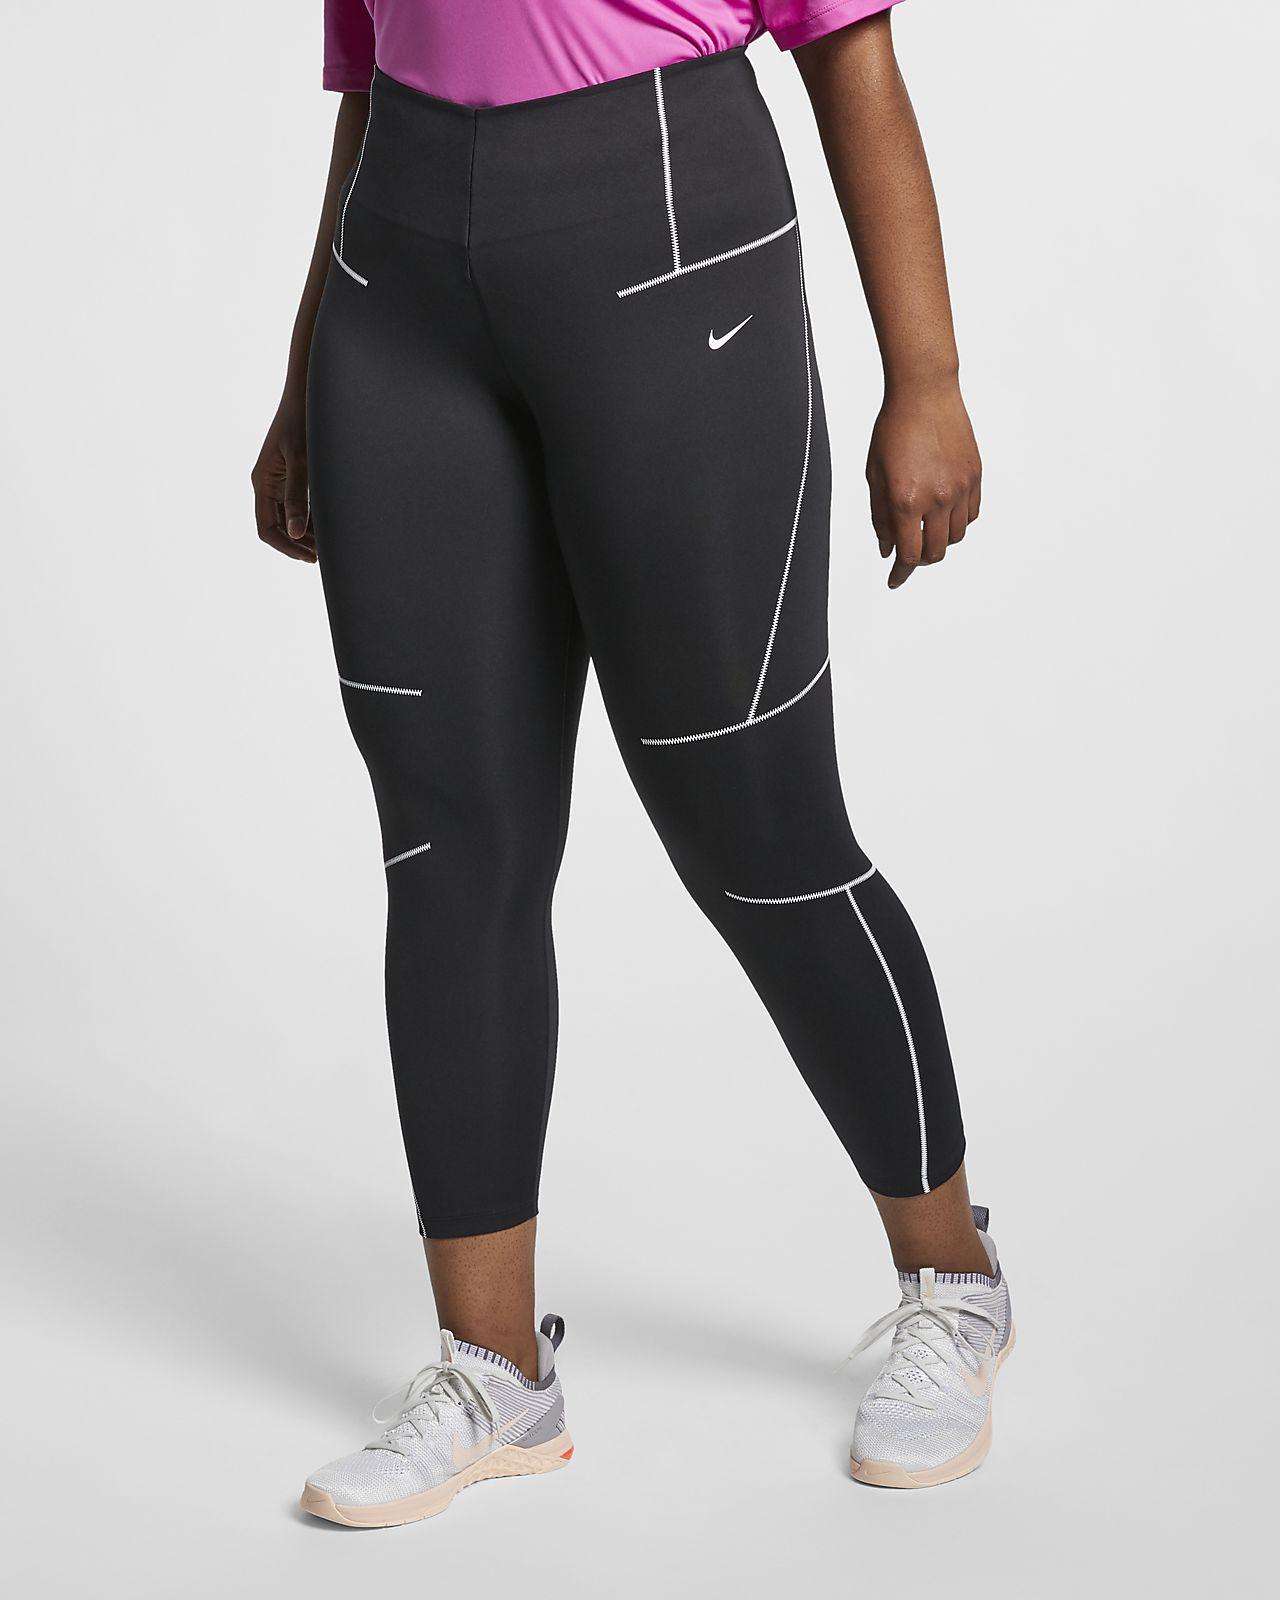 Nike Malles d'entrenament (talles grans) - Dona